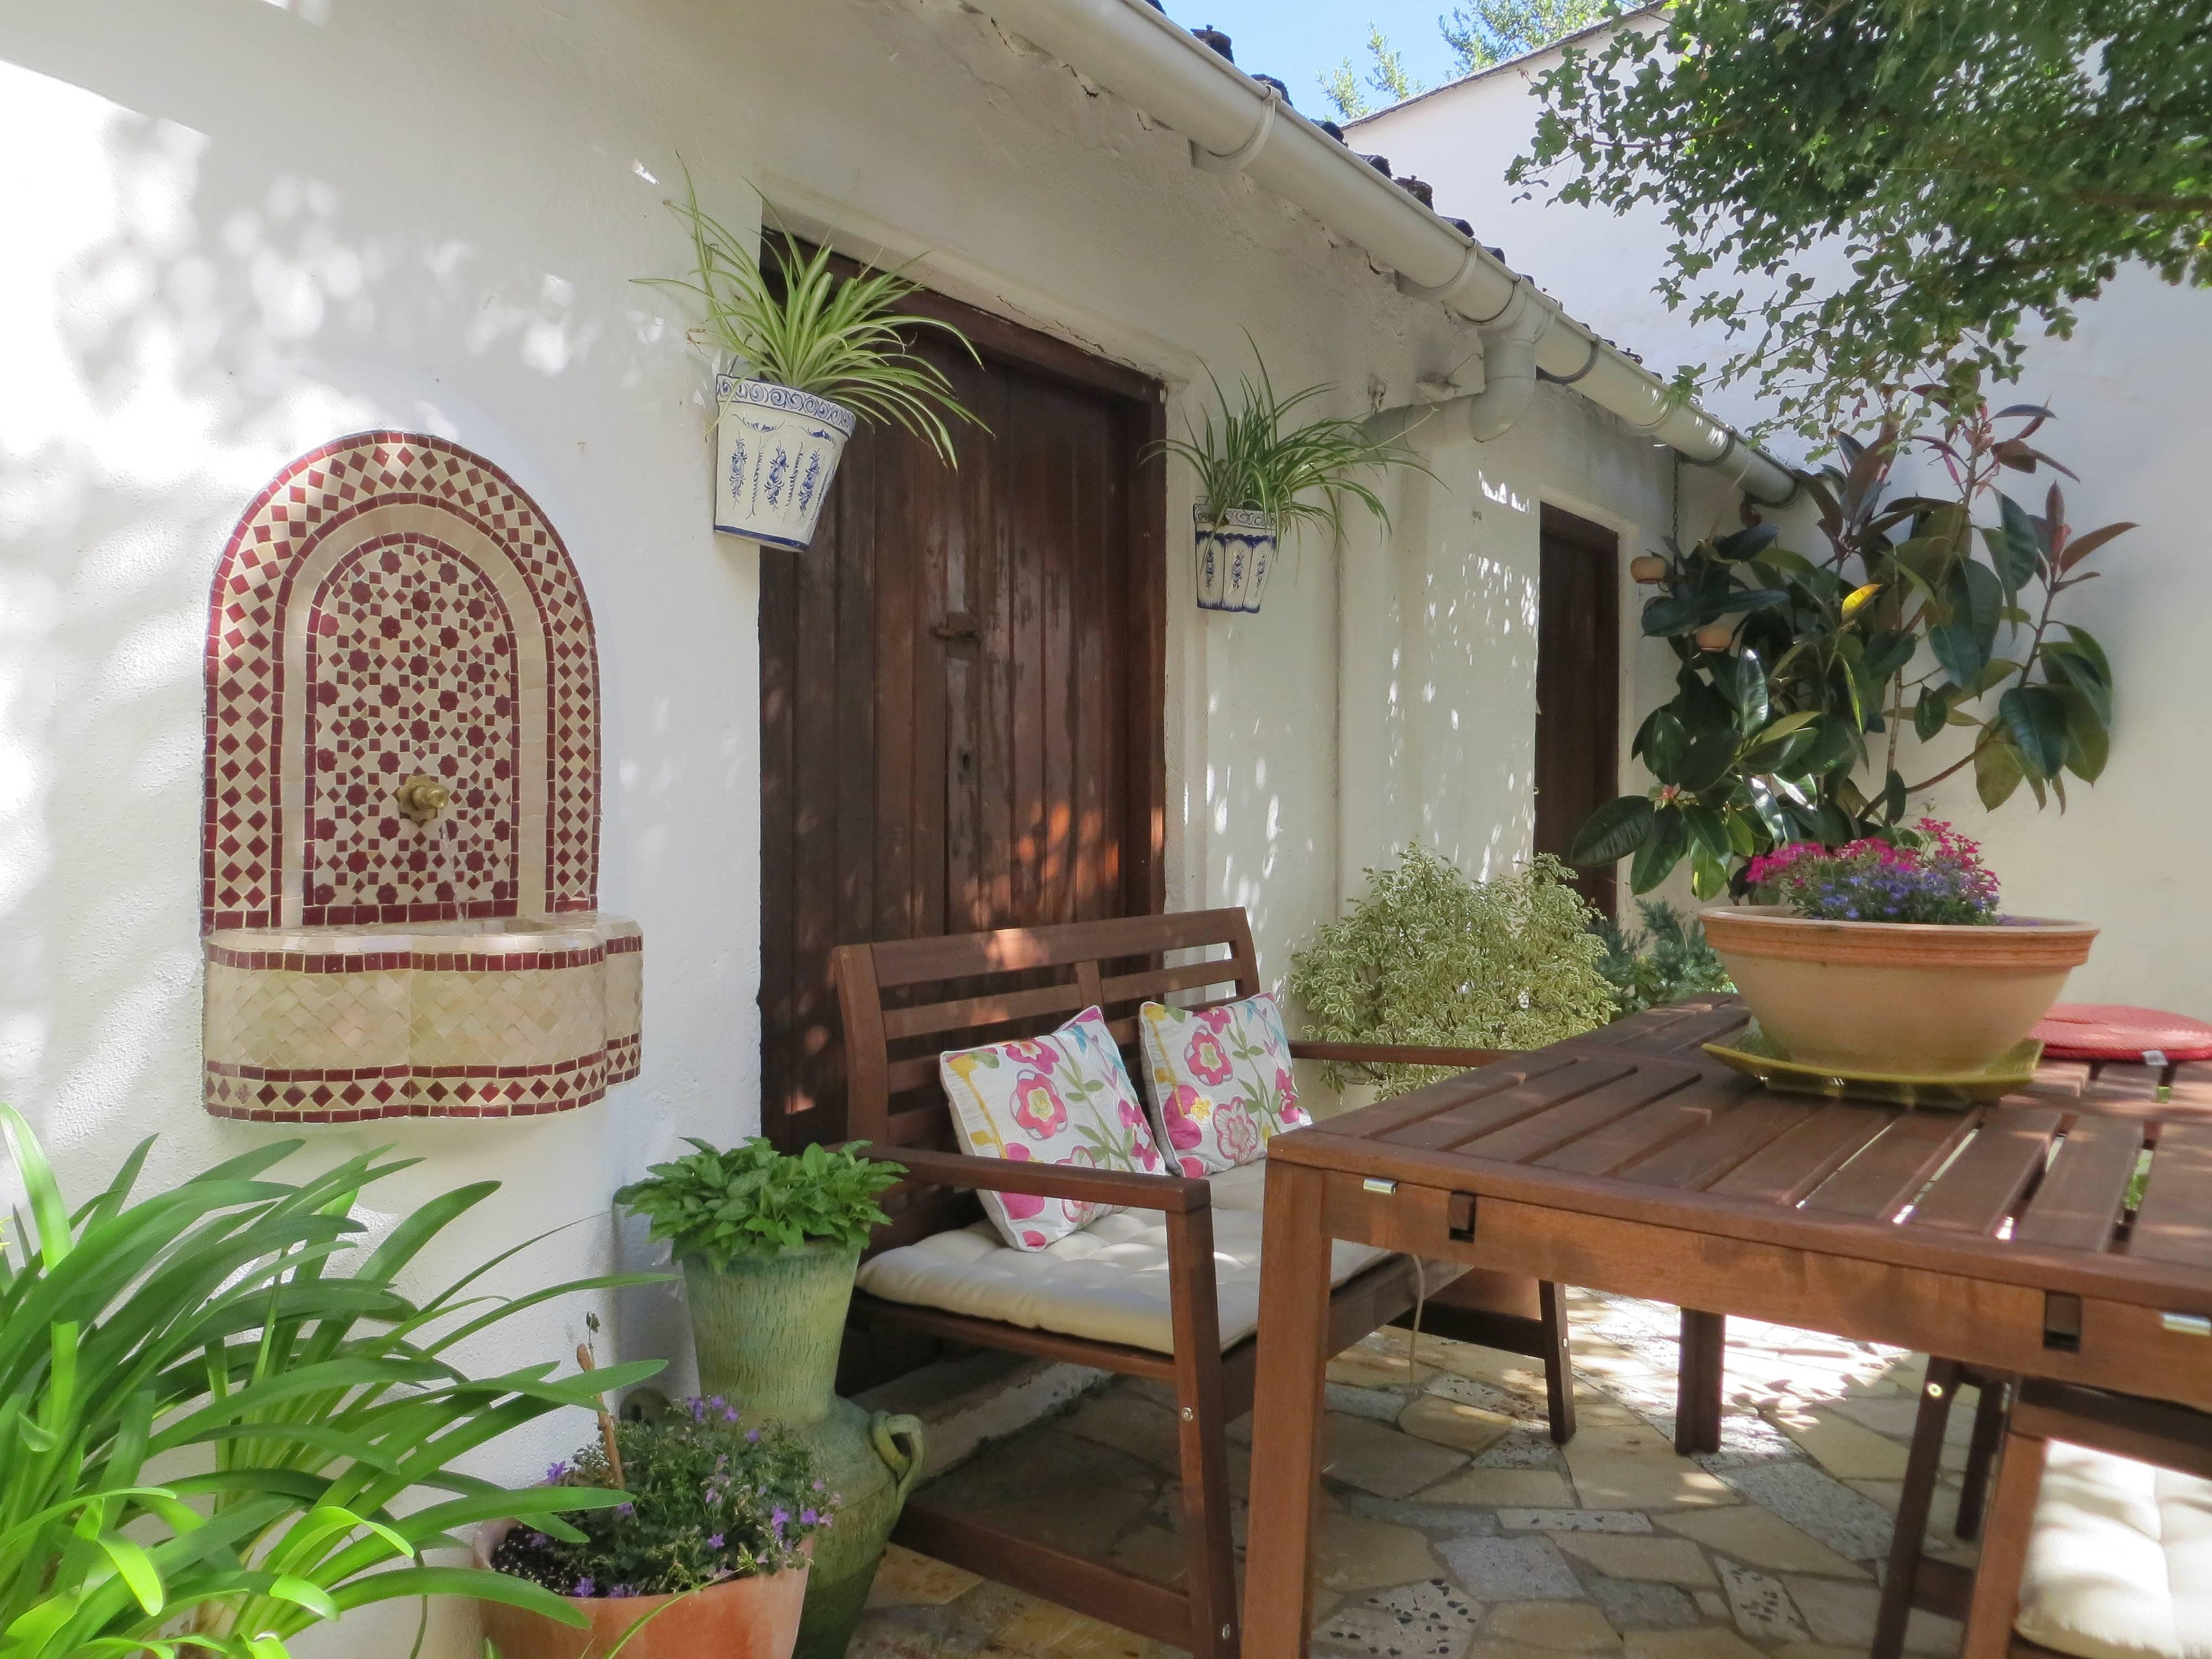 Alquiler de casas vacacionales en caldas de reis pontevedra rurales chalets bungalows - Casas vacacionales madrid ...